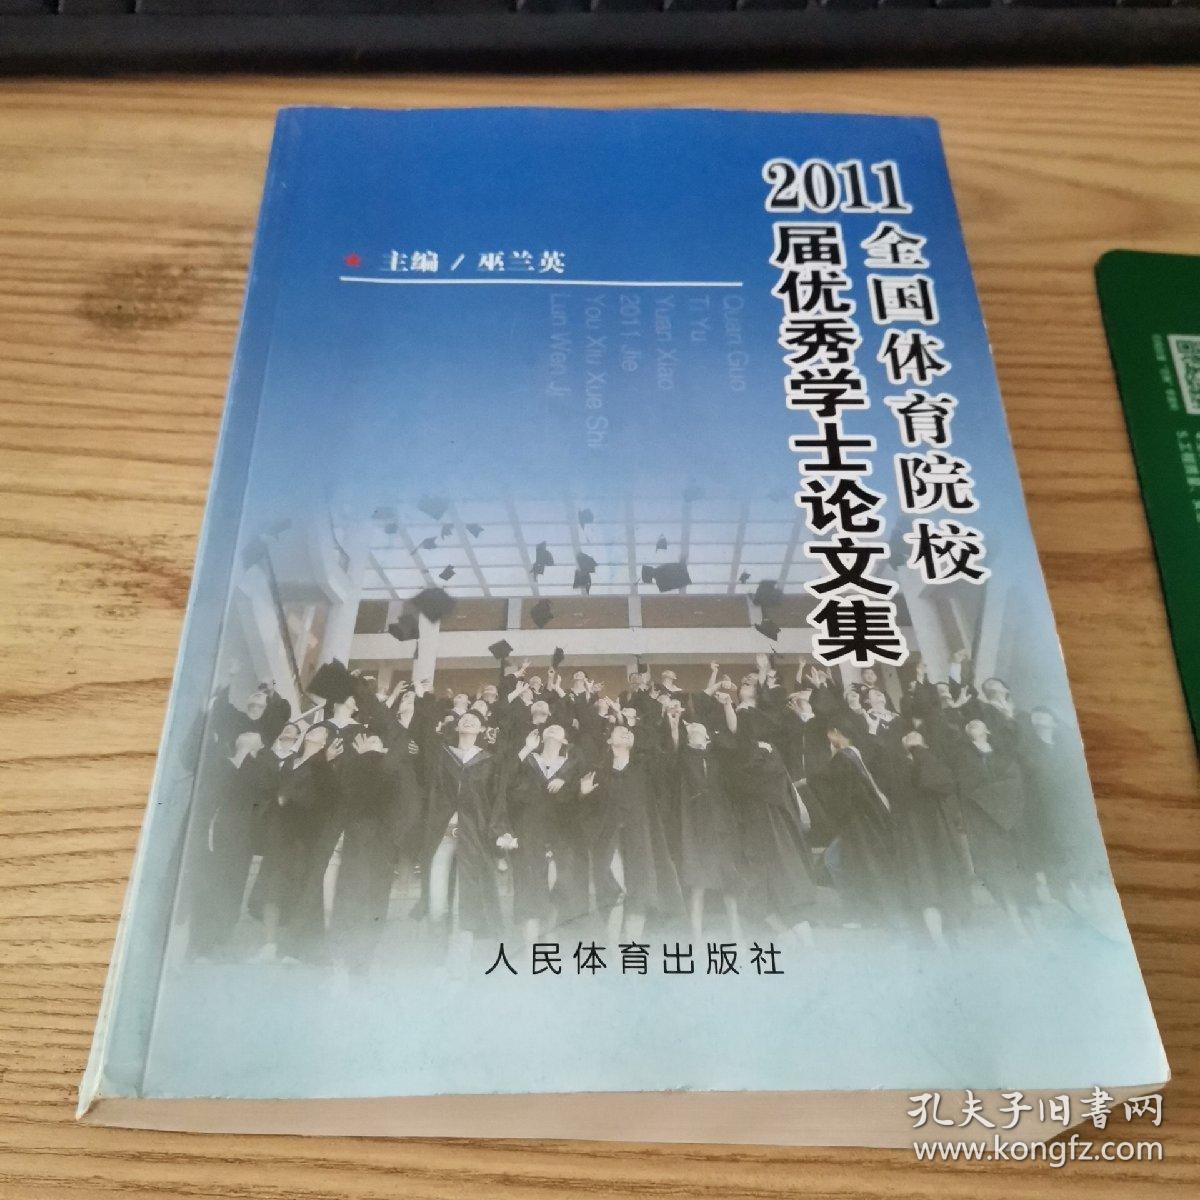 全国体育院校2011届优秀学士论文集